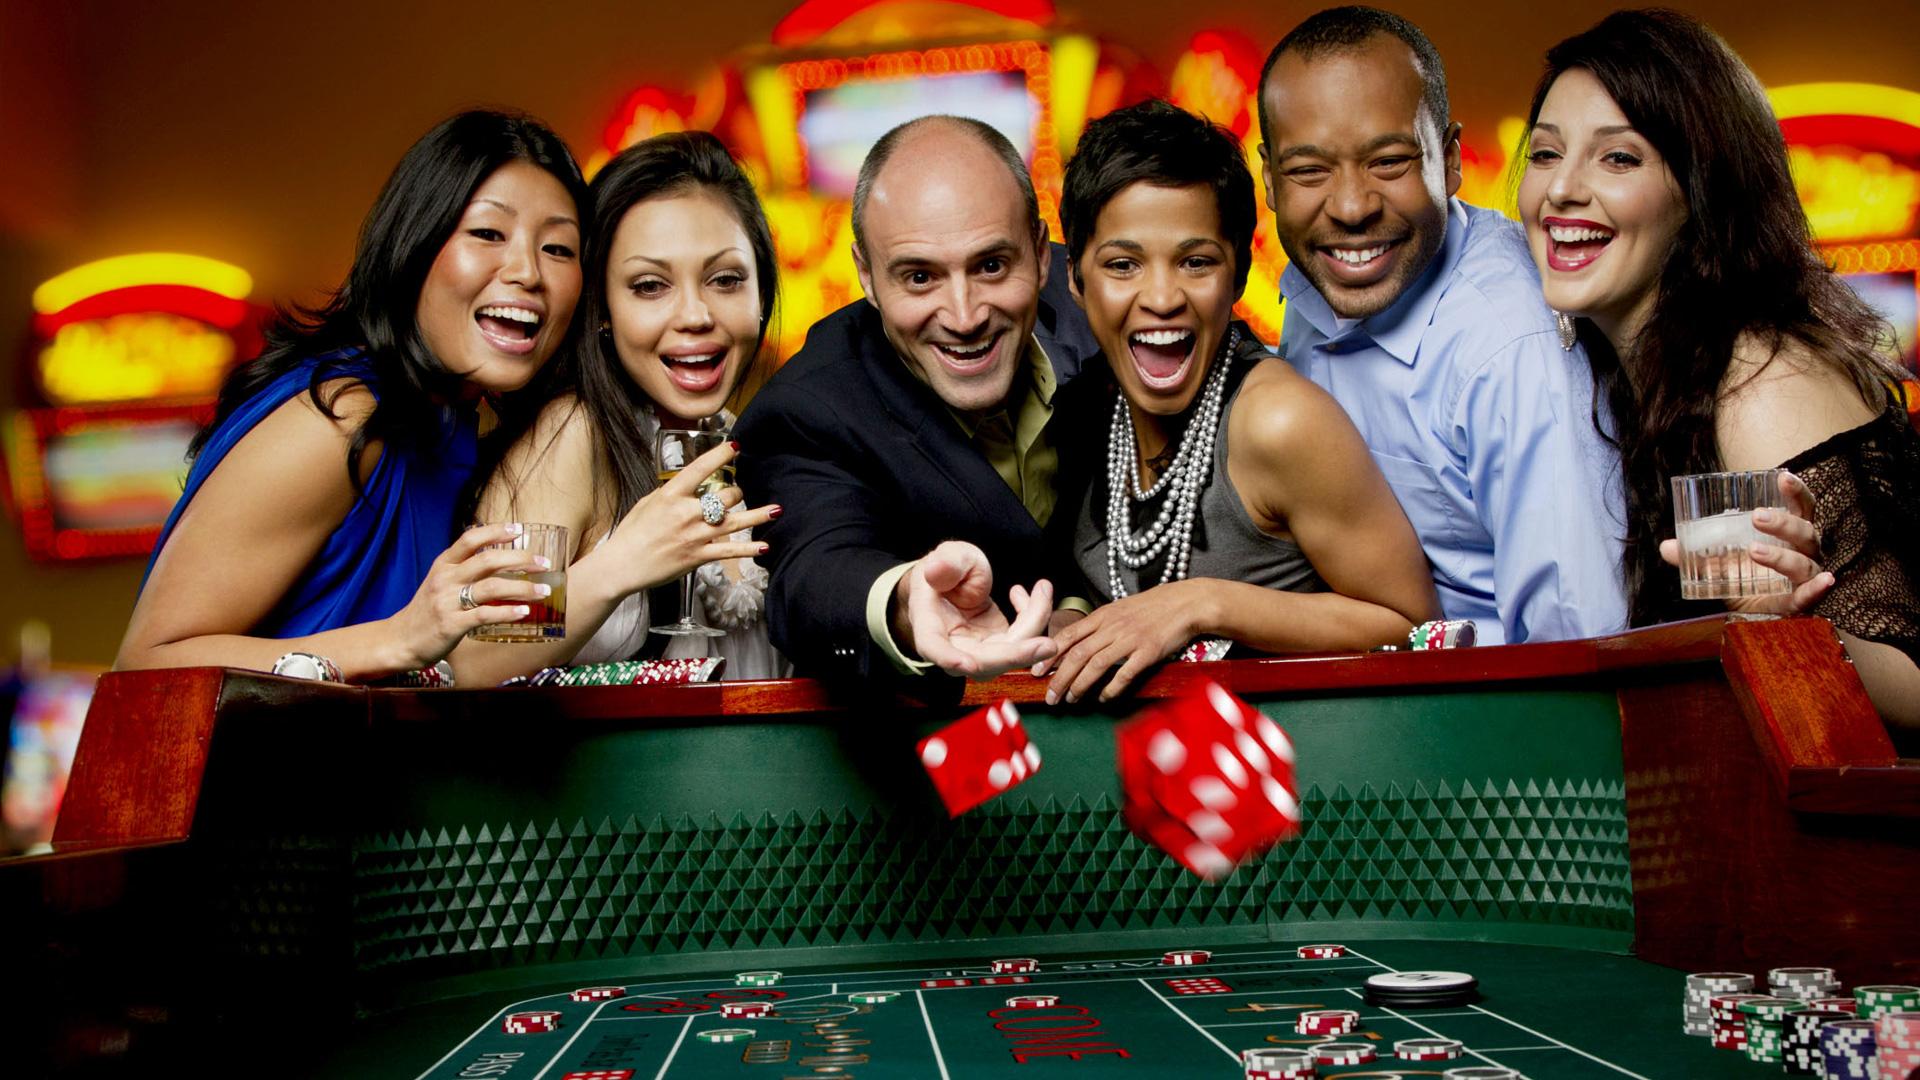 Правила игры кости в казино карты человек паук герои и злодеи играть онлайн